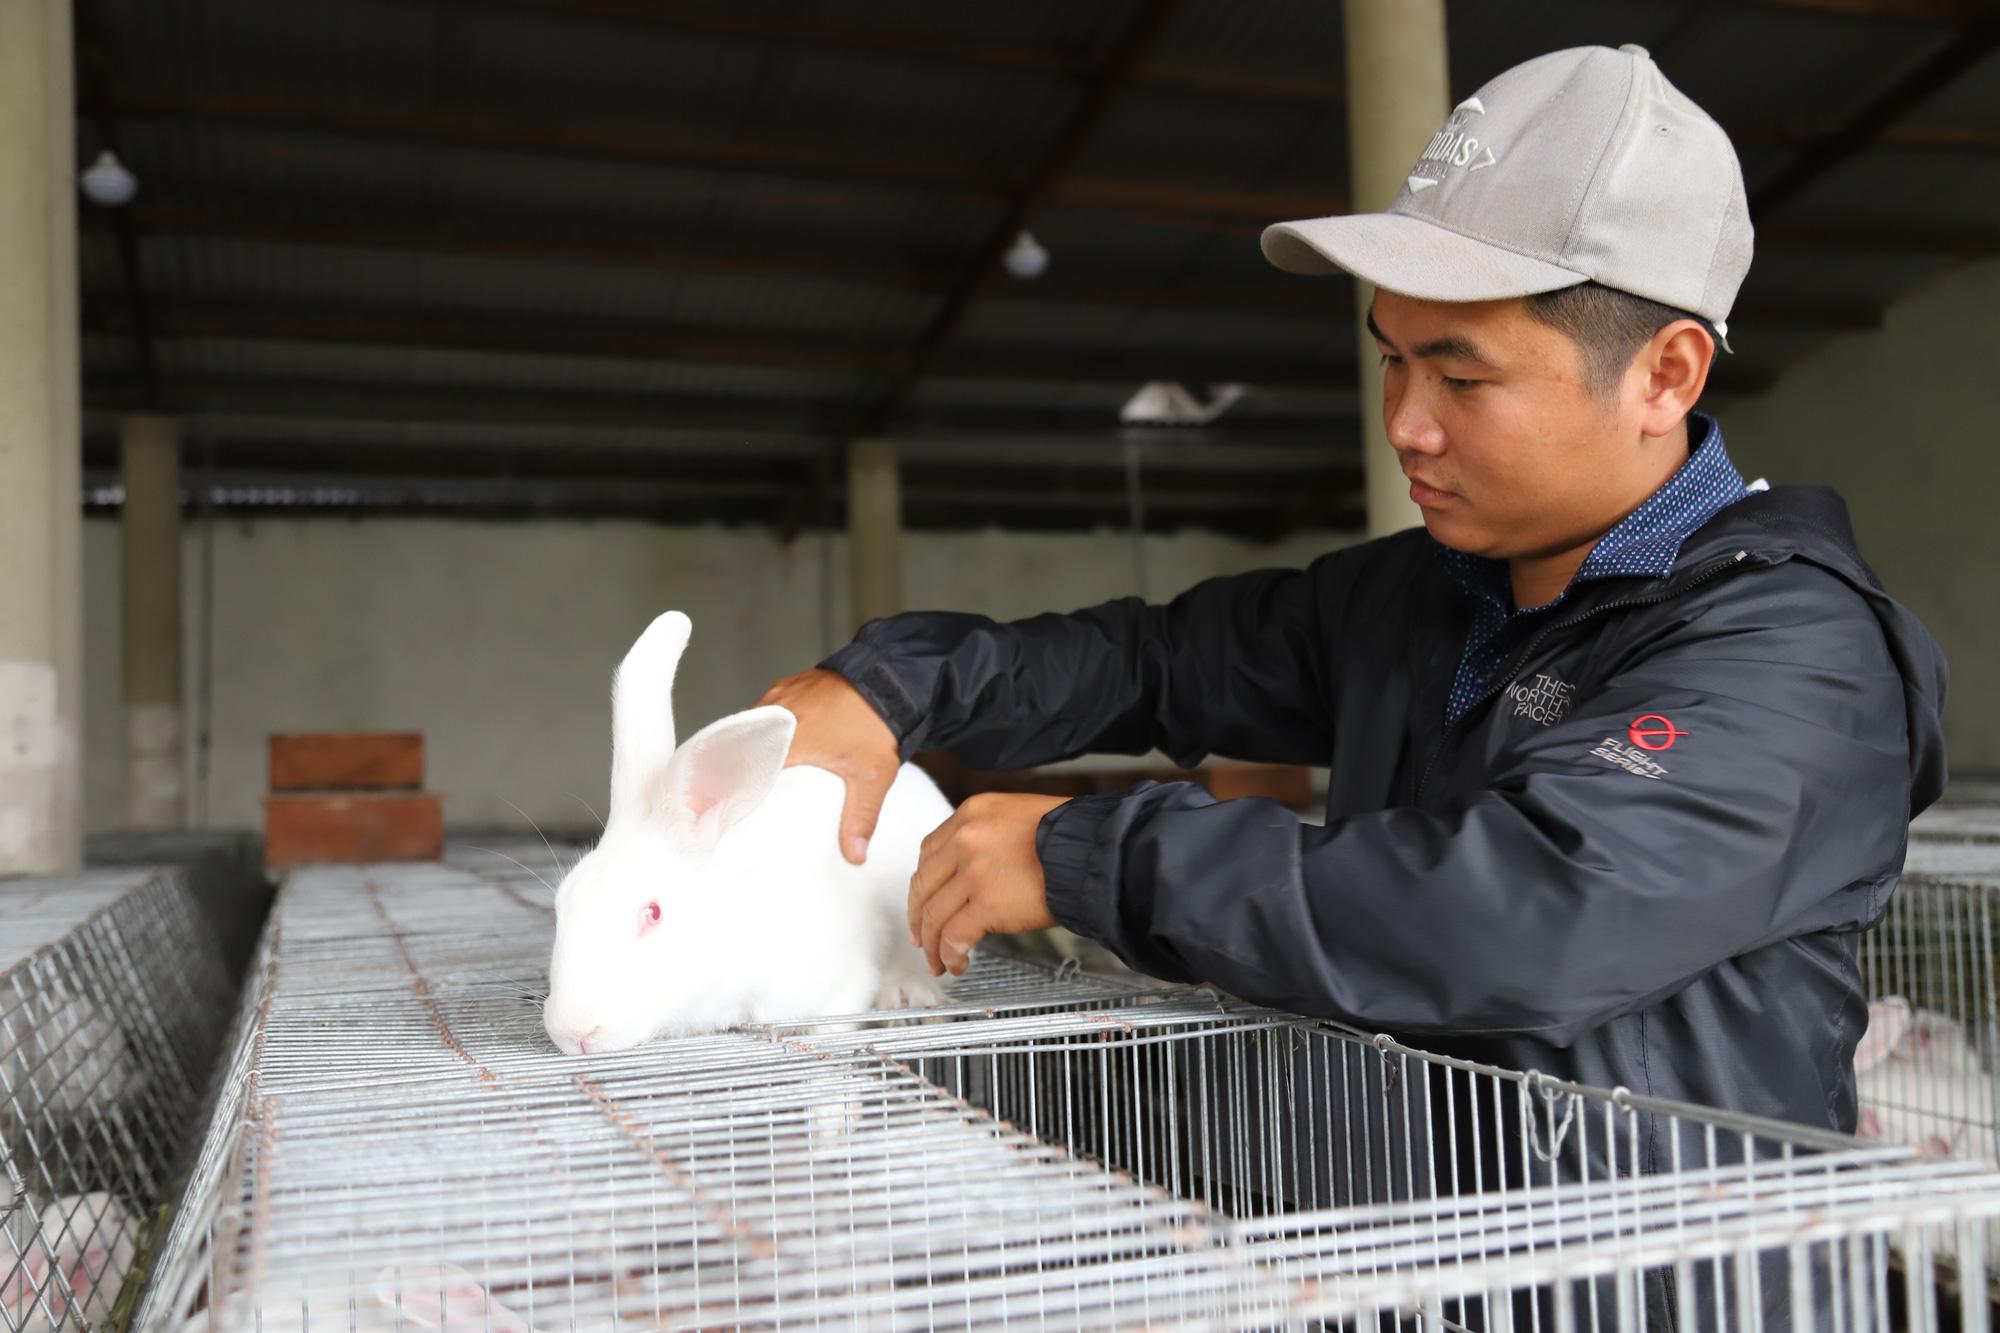 9X bỏ lương 40 triệu đồng, nuôi thỏ Newzealand thu nhập hơn 1 tỷ đồng/năm - Ảnh 4.